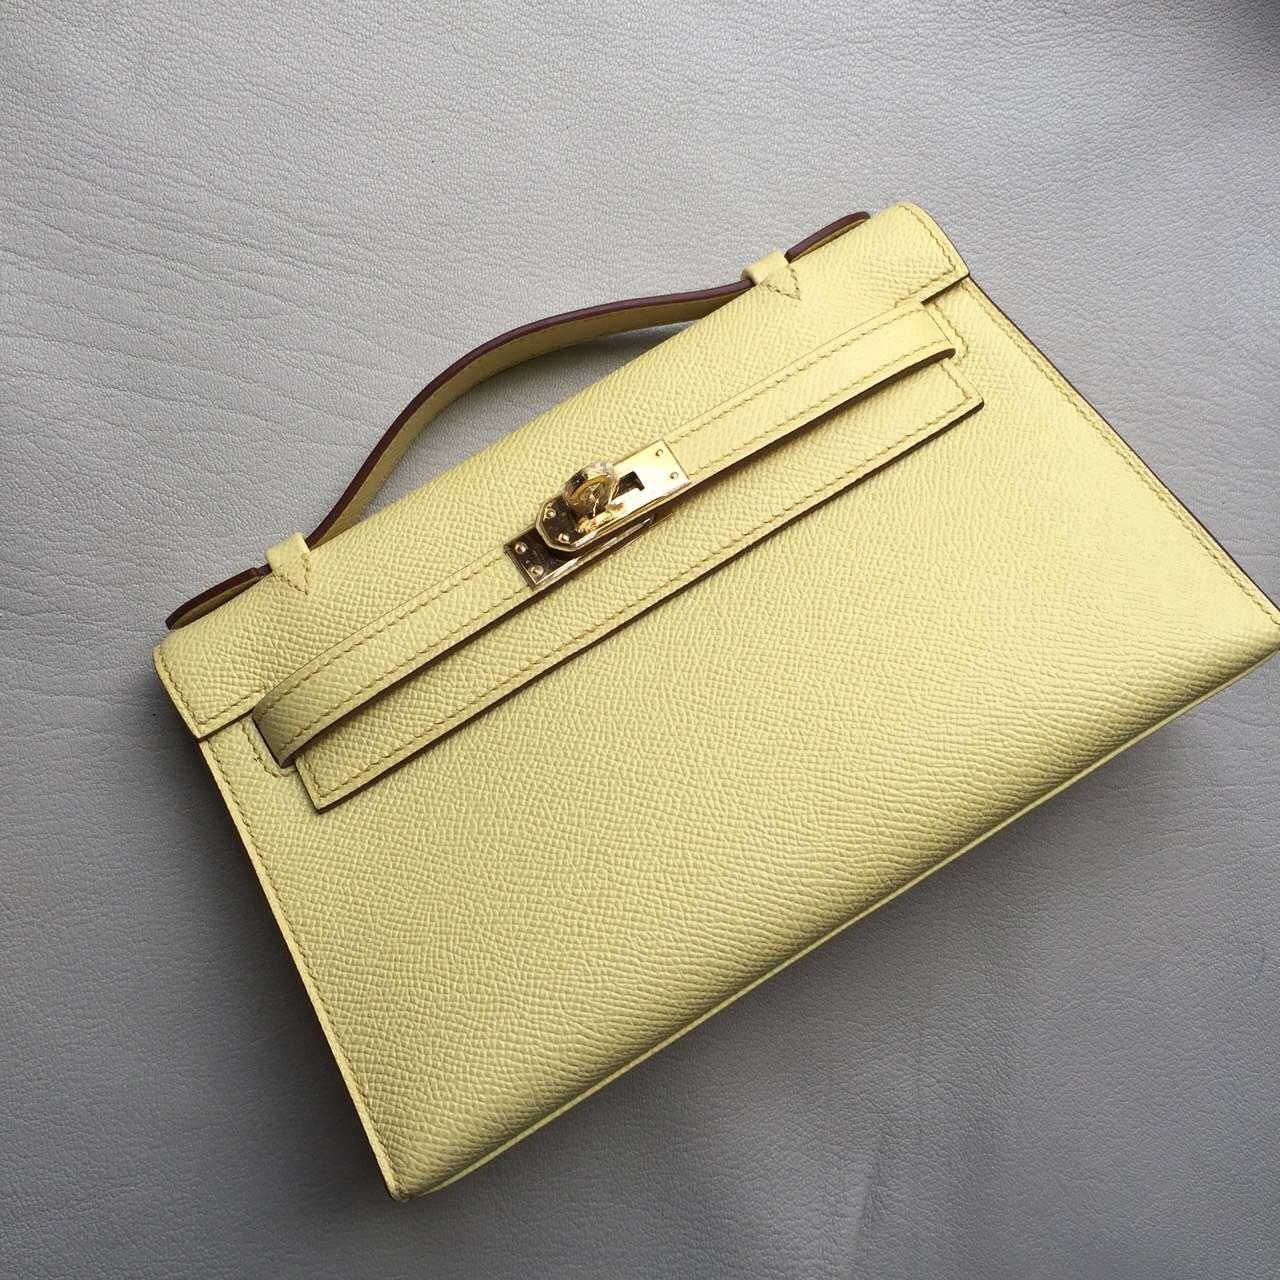 Hermes 1Z Jaine Poessin Epsom Leather Mini Kelly Bag 22CM